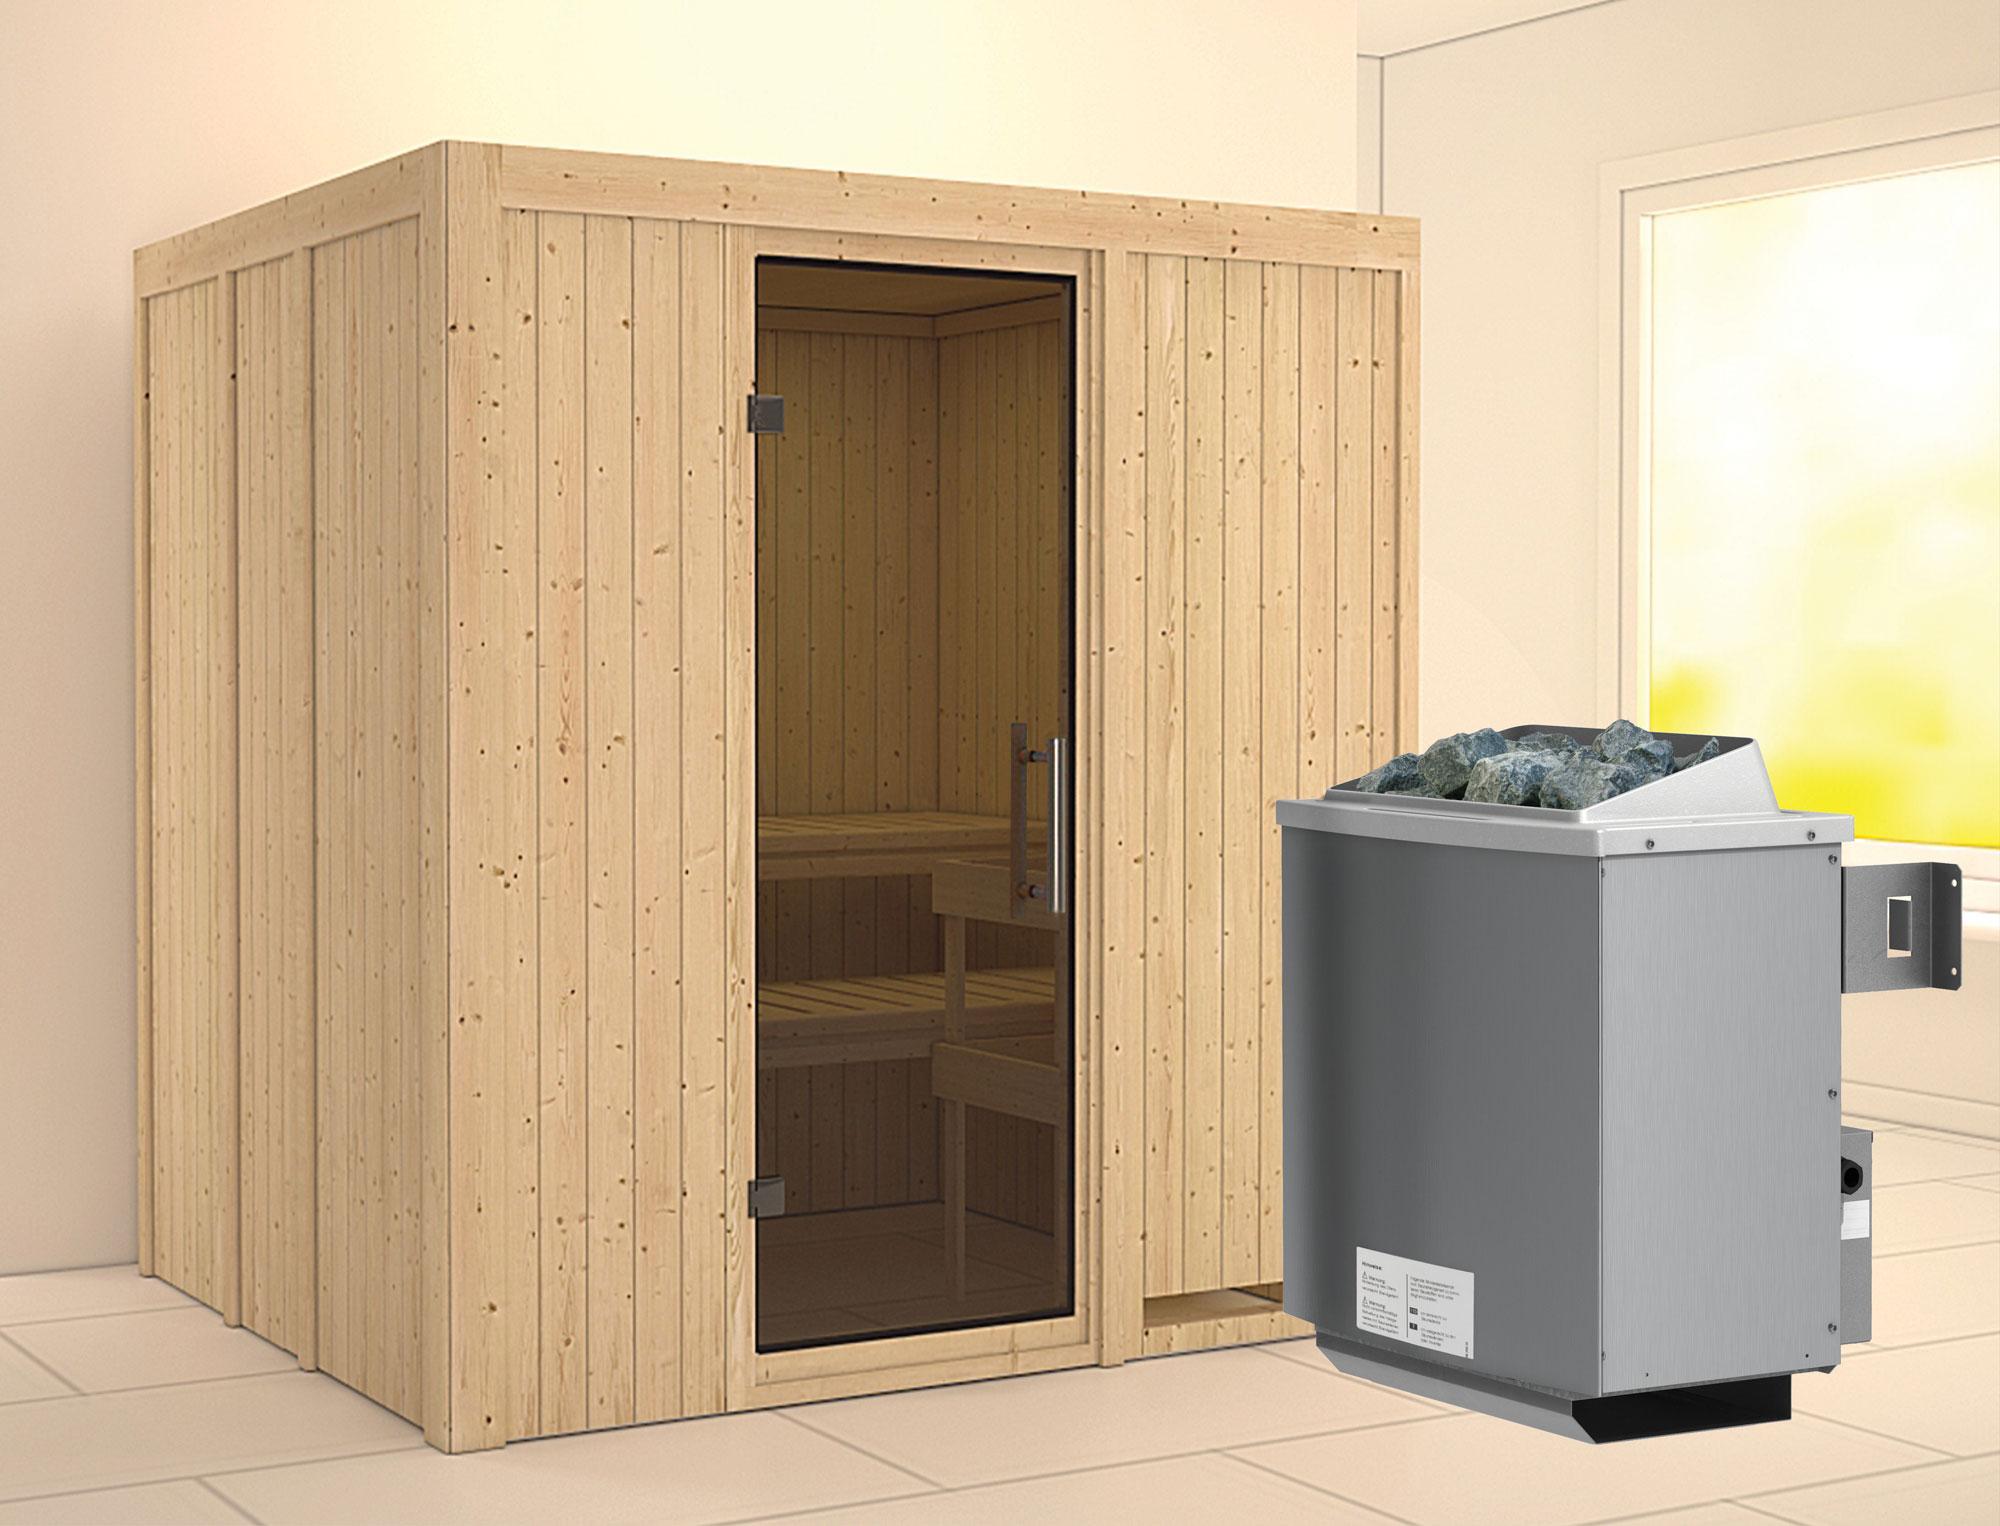 Karibu Sauna Sodin 68mm mit Ofen 9kW intern moderne Tür Bild 1